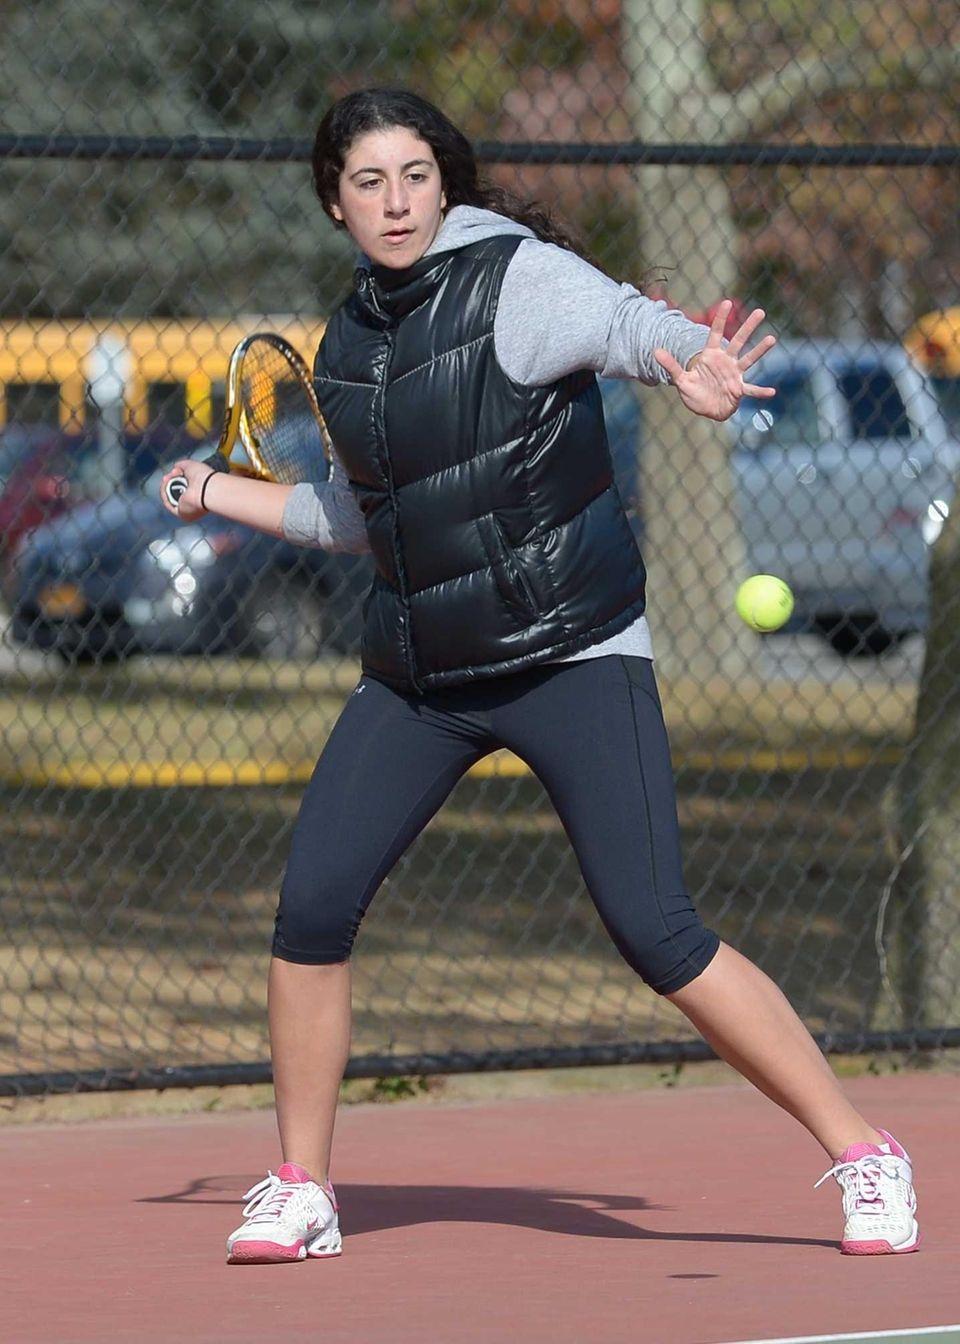 Ester Chikvashvili of Hills East hits a forehand